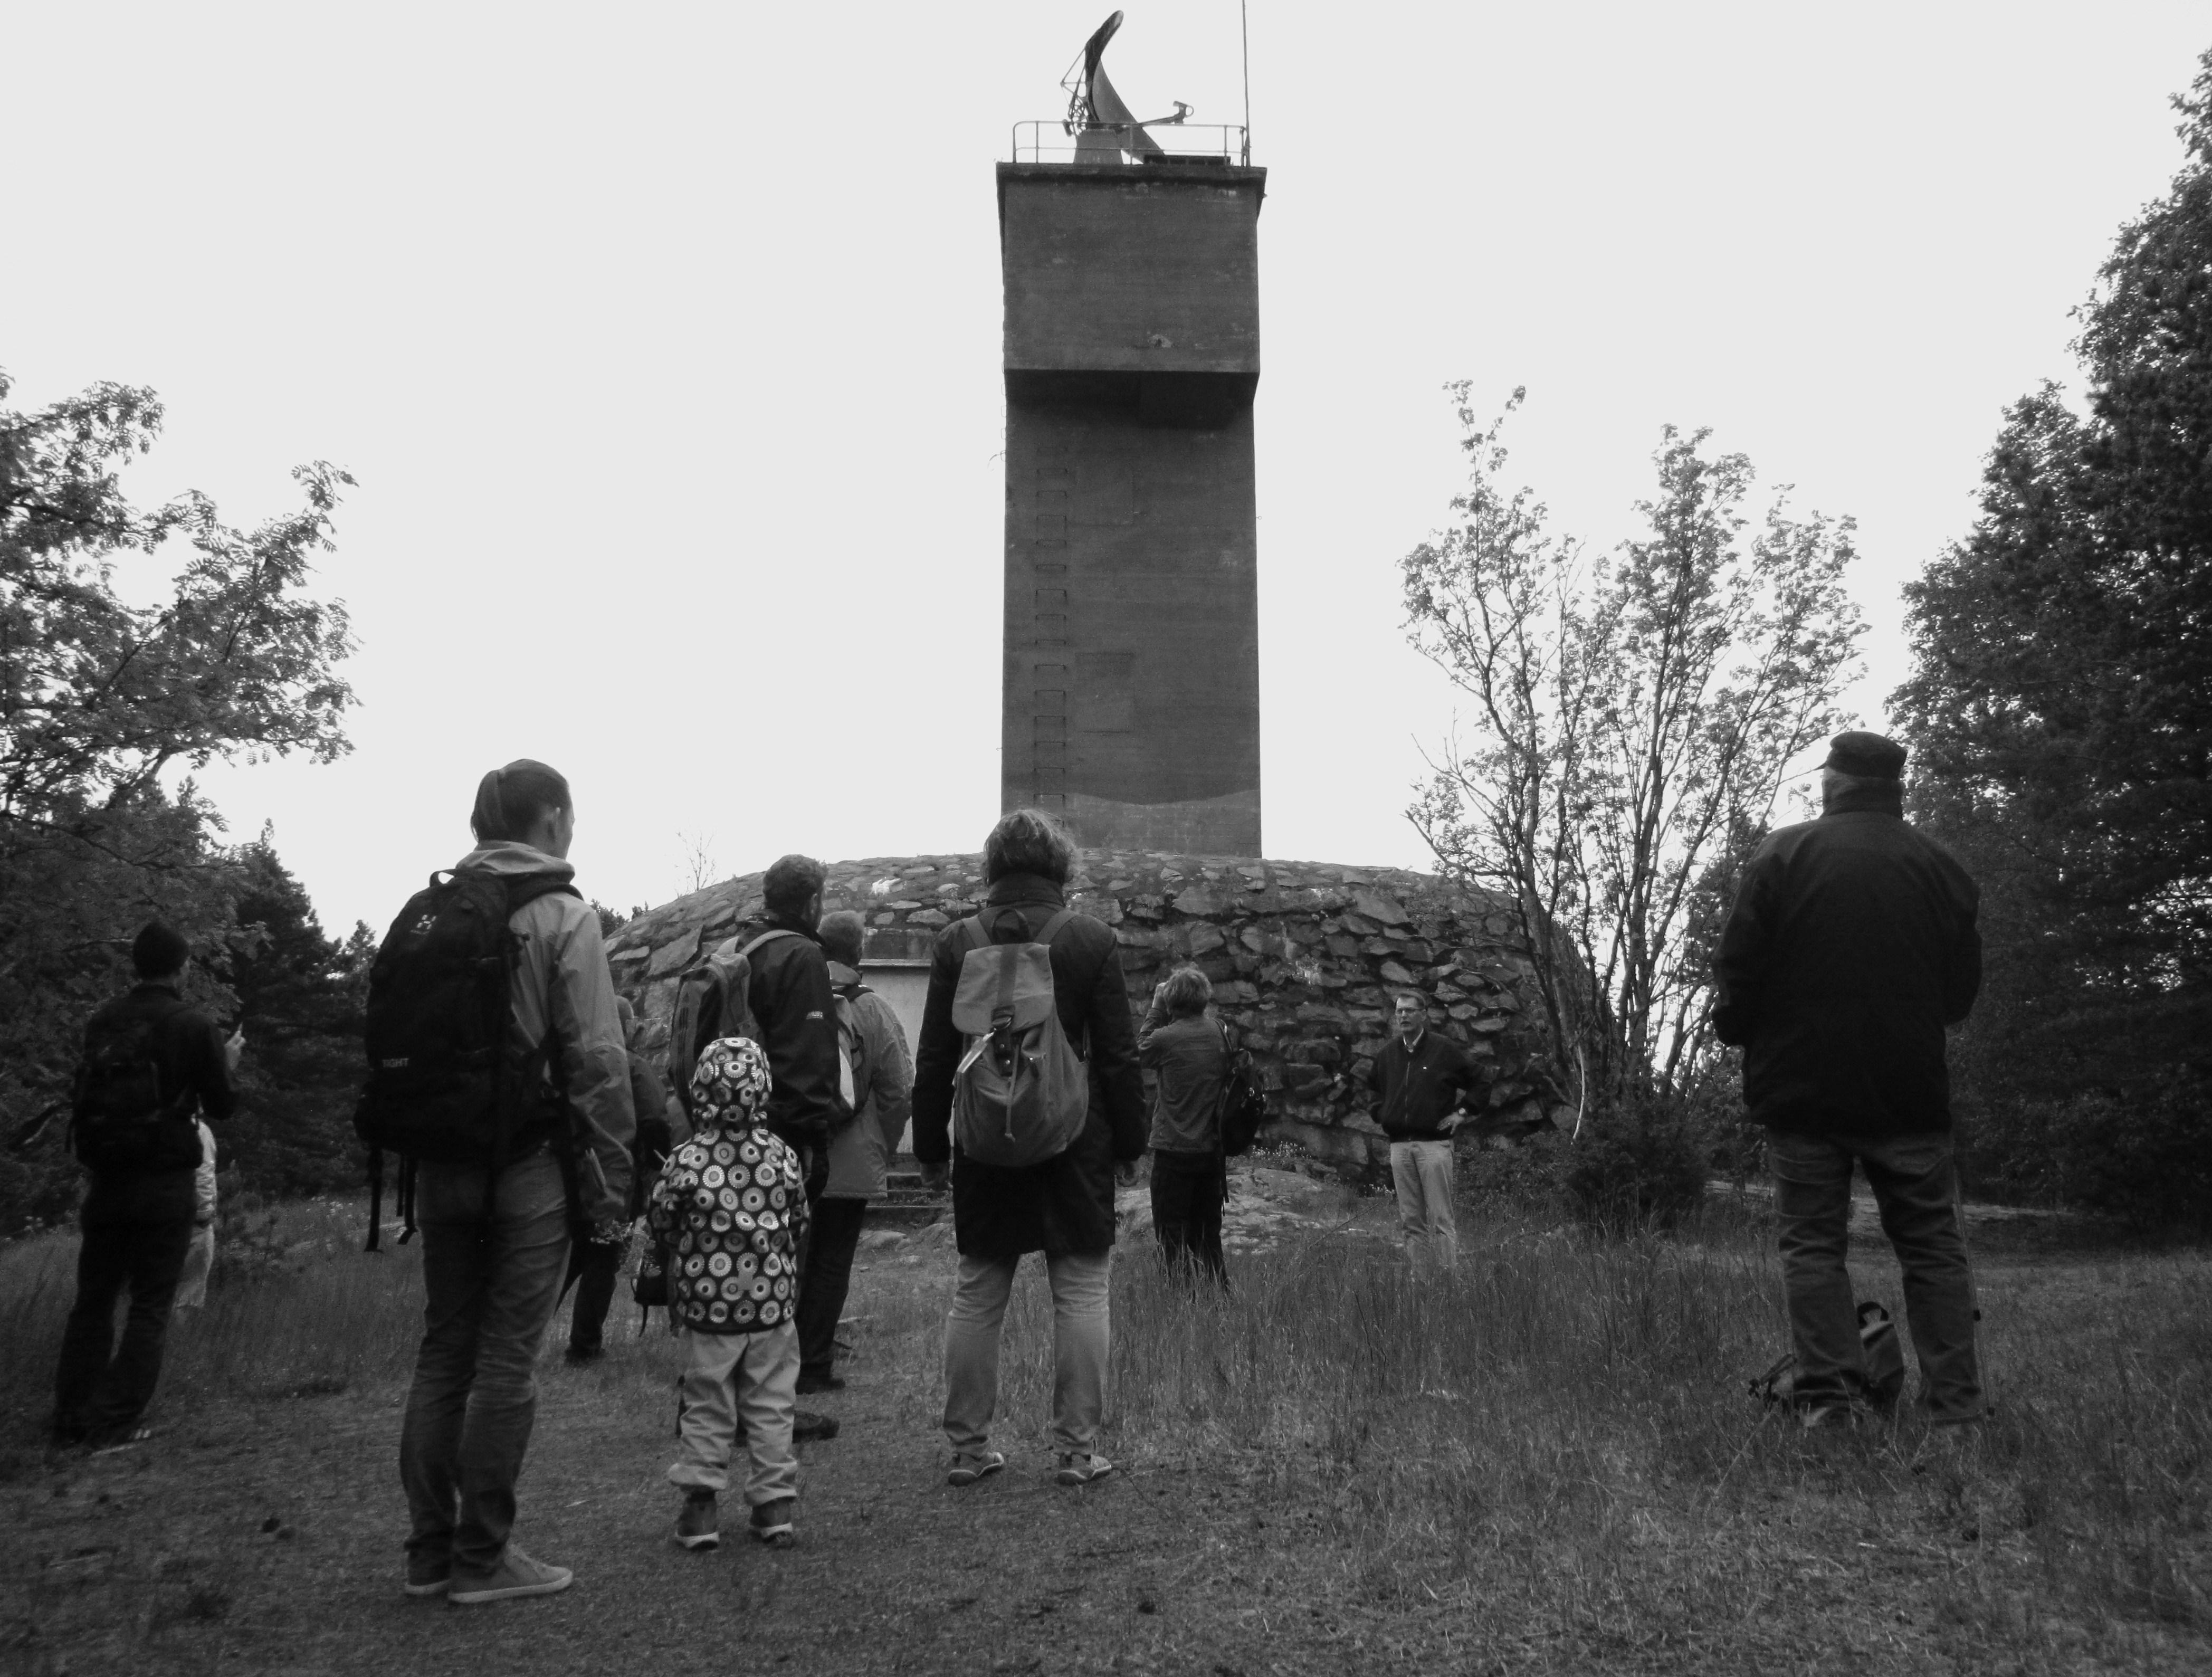 Yhdistyksen jäseniä retkellä Vallisaaressa toukokuussa 2016.